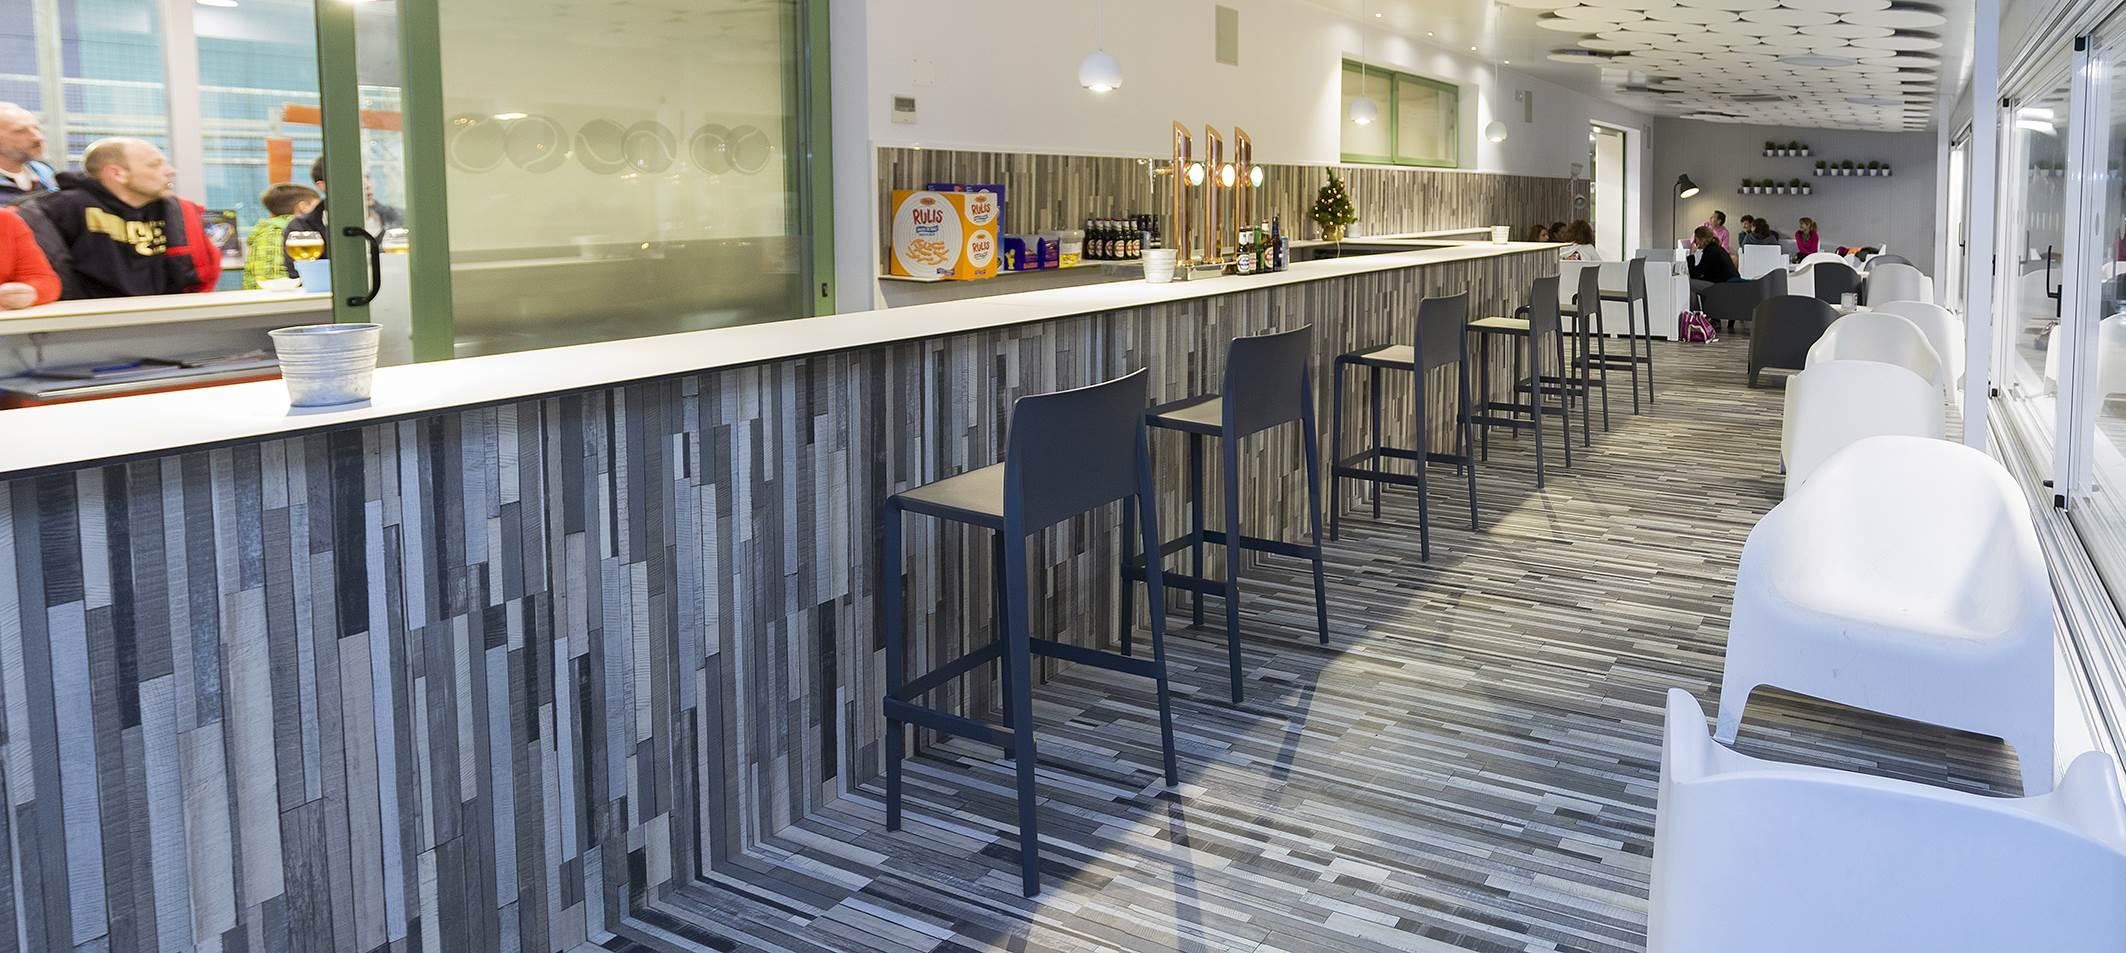 Panorama_Cafeteria-1.jpg